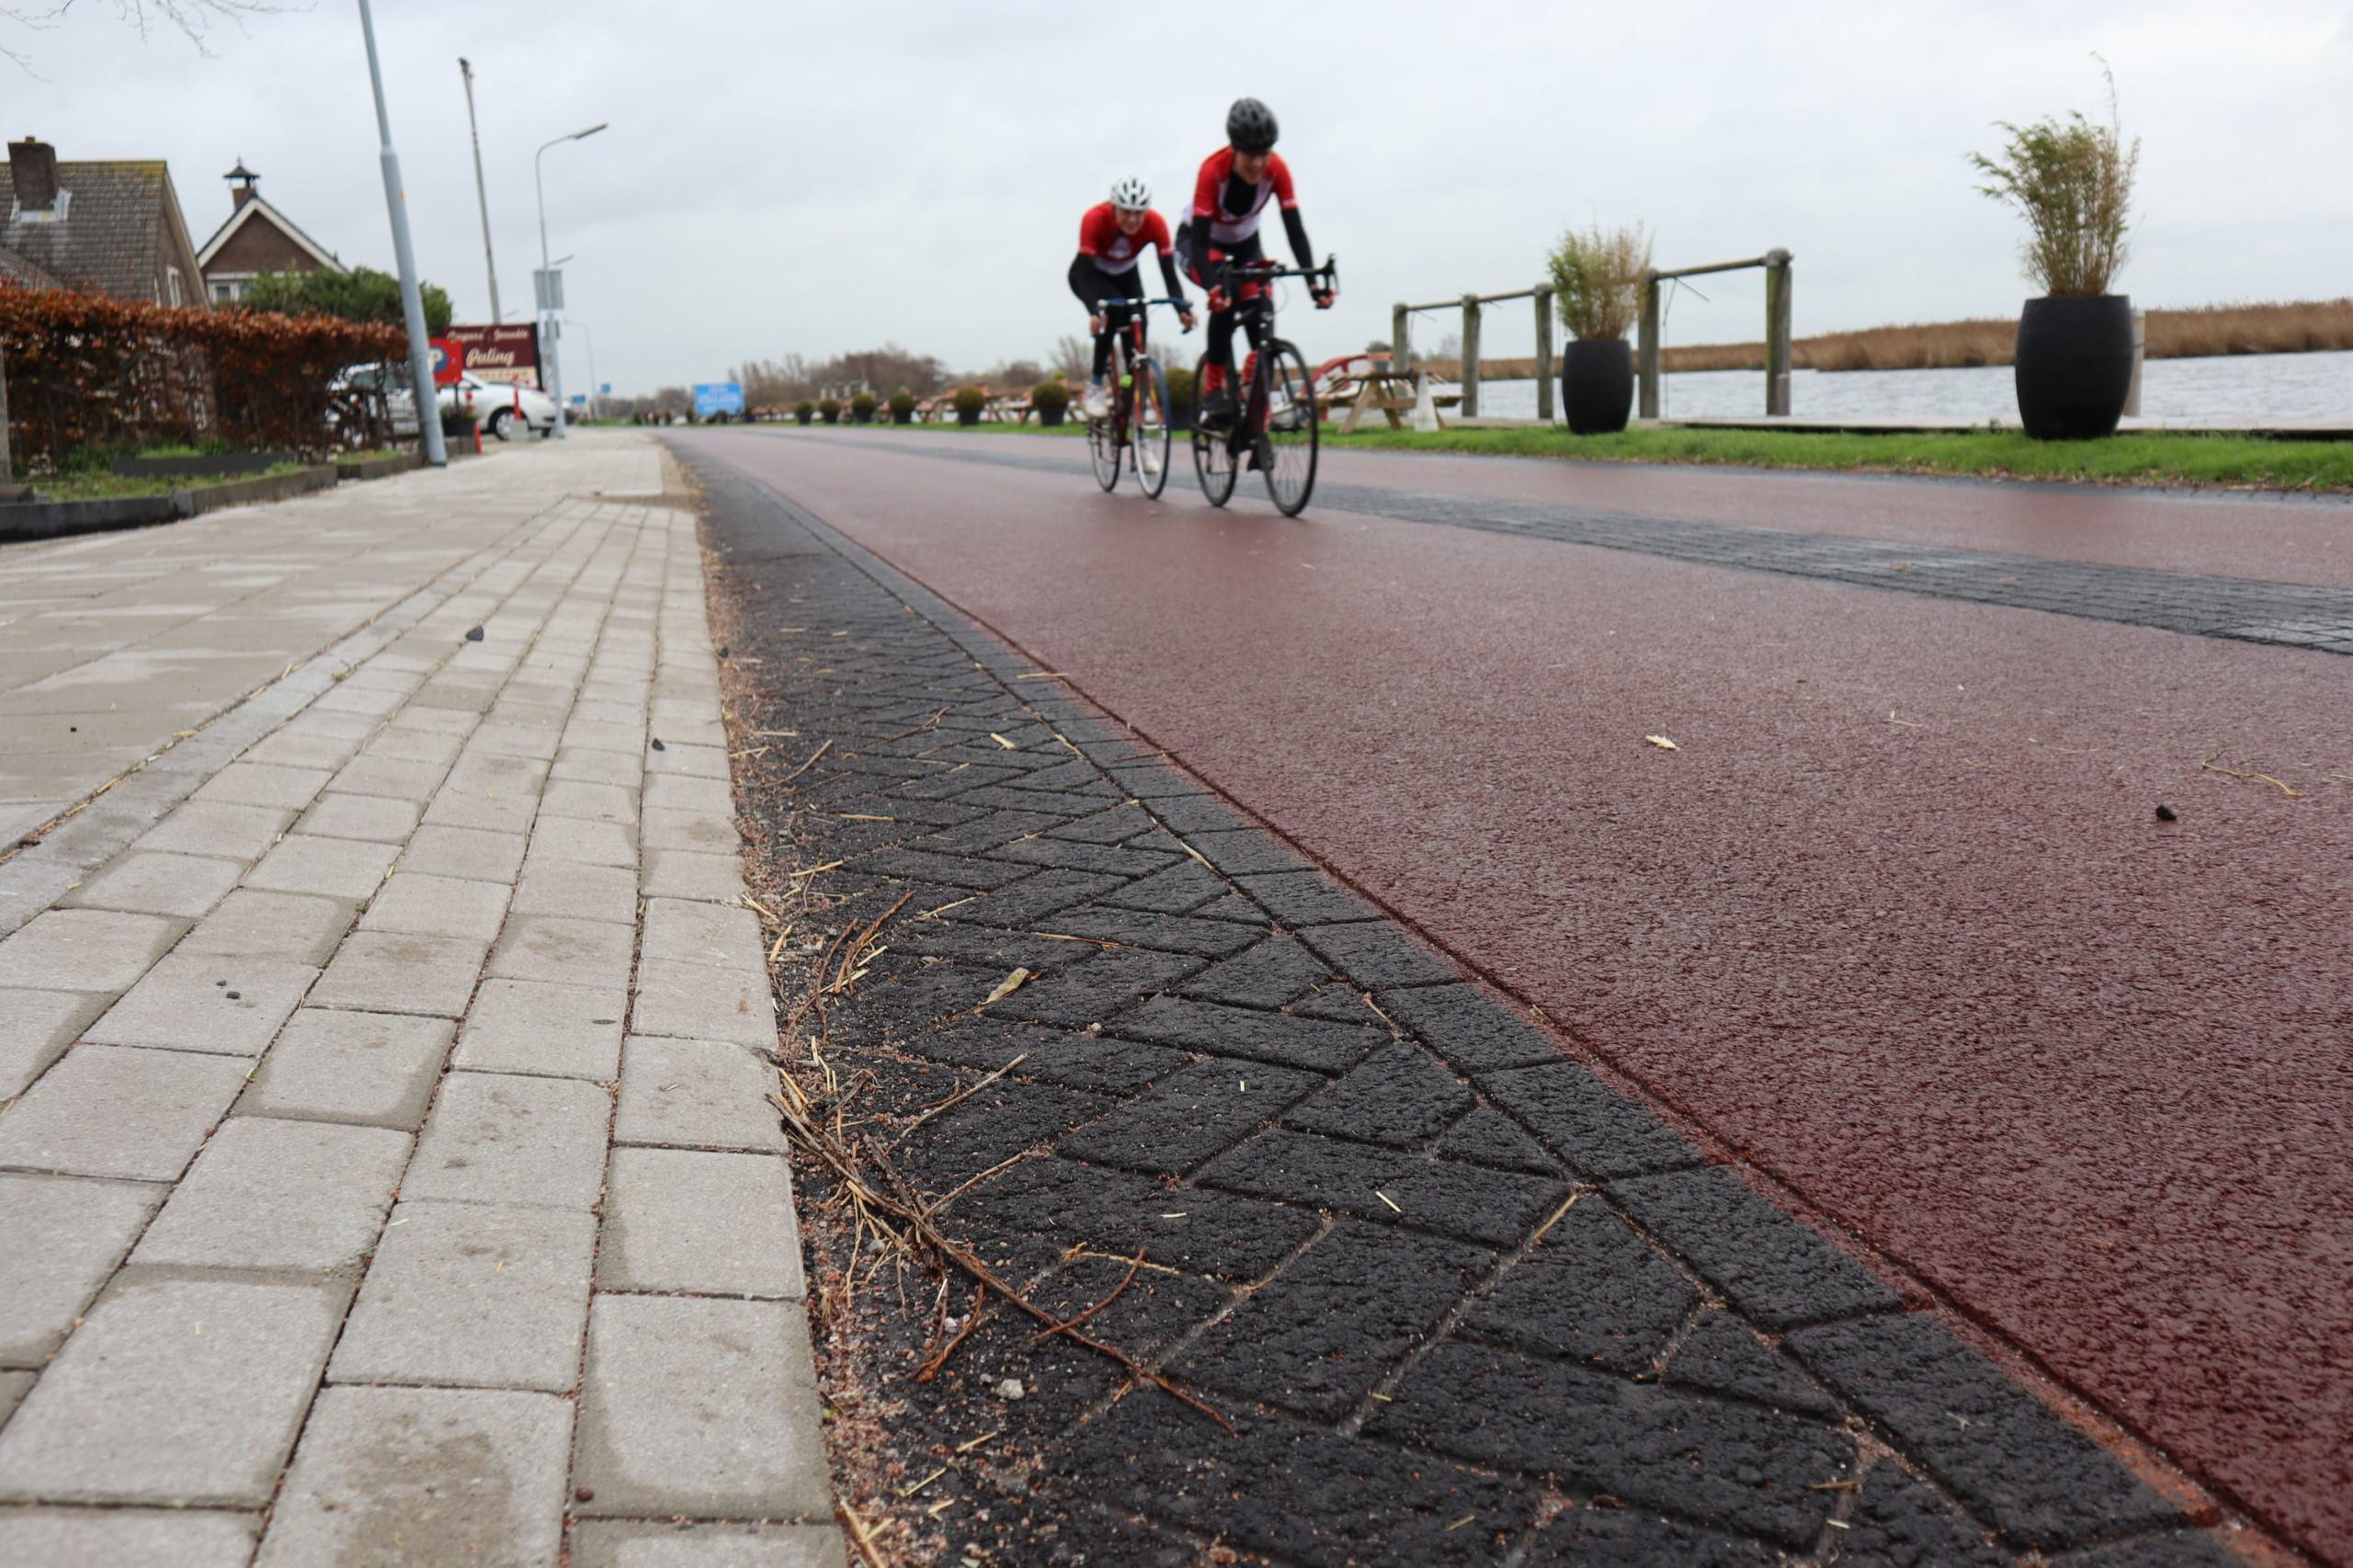 Wielrenners asfalt of klinkers